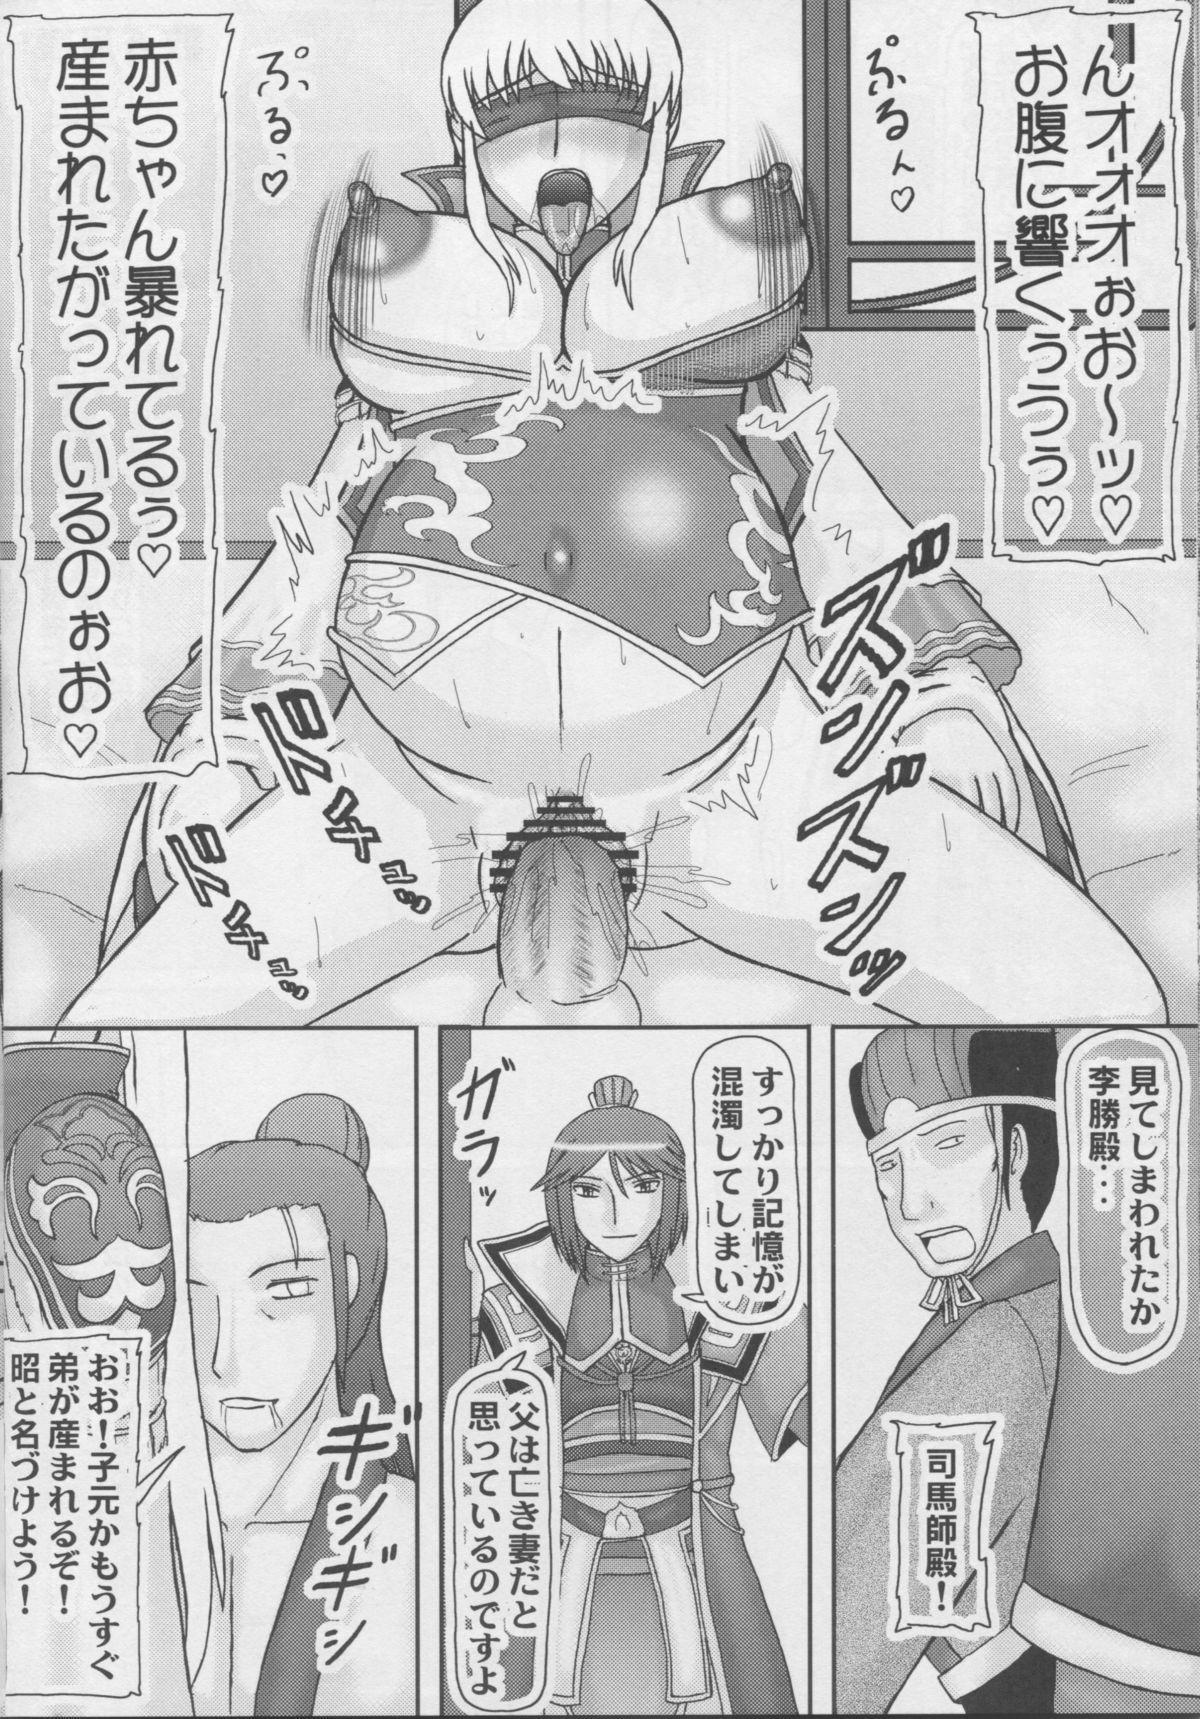 Koutei wo Umu Onna 18